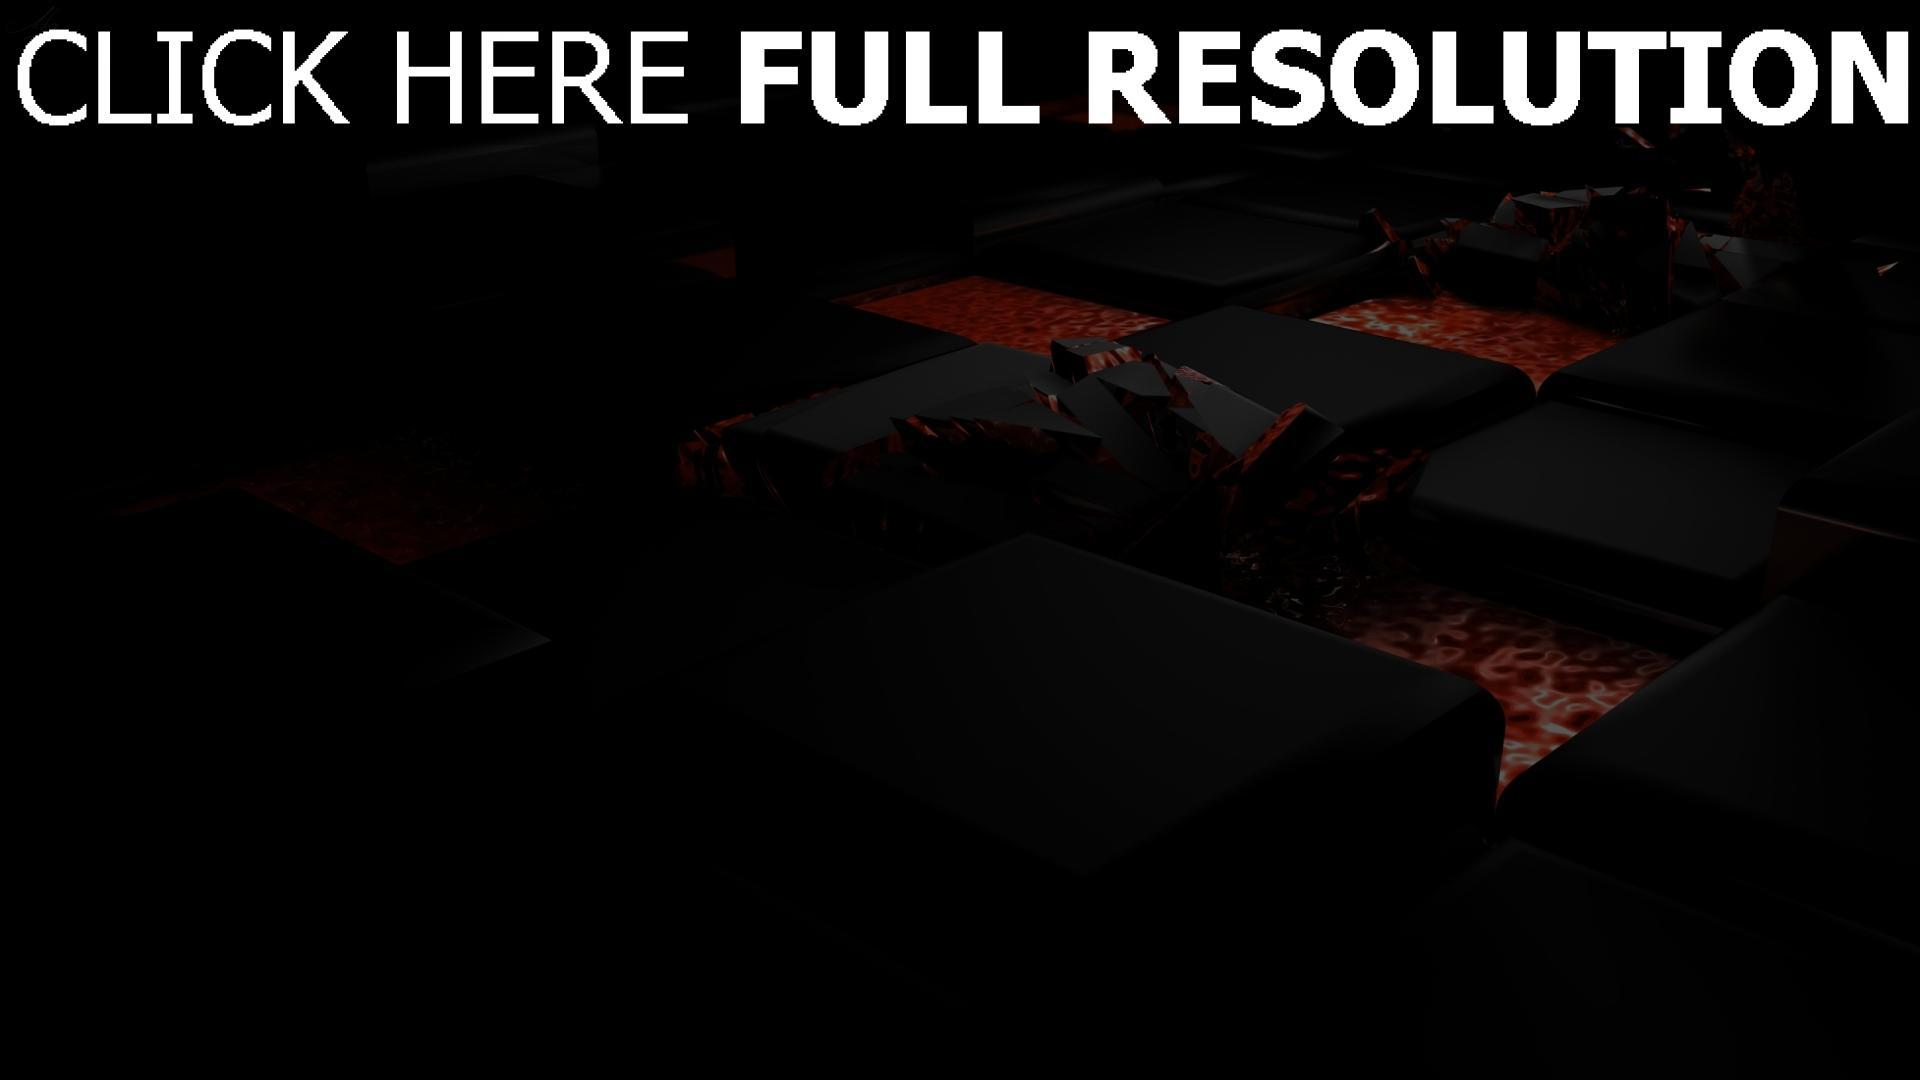 fond d'écran 1920x1080 carré foncé destruction